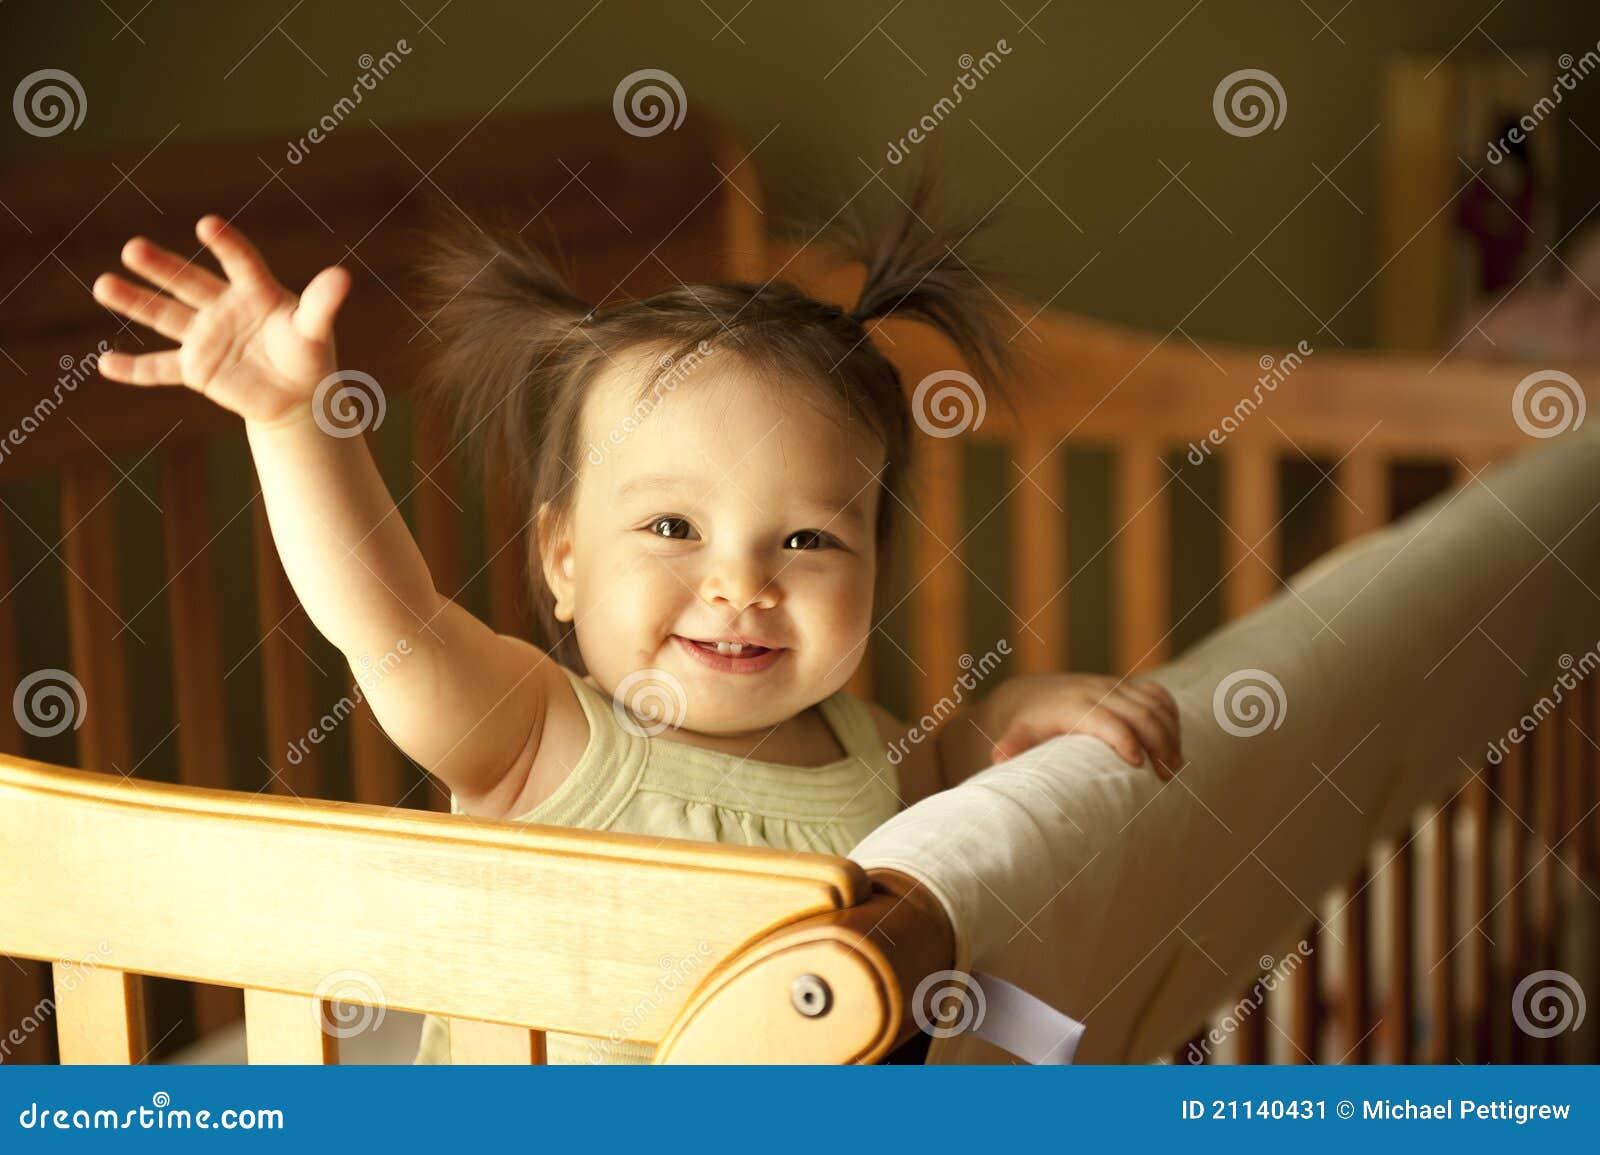 Baby die in voederbak opstaat